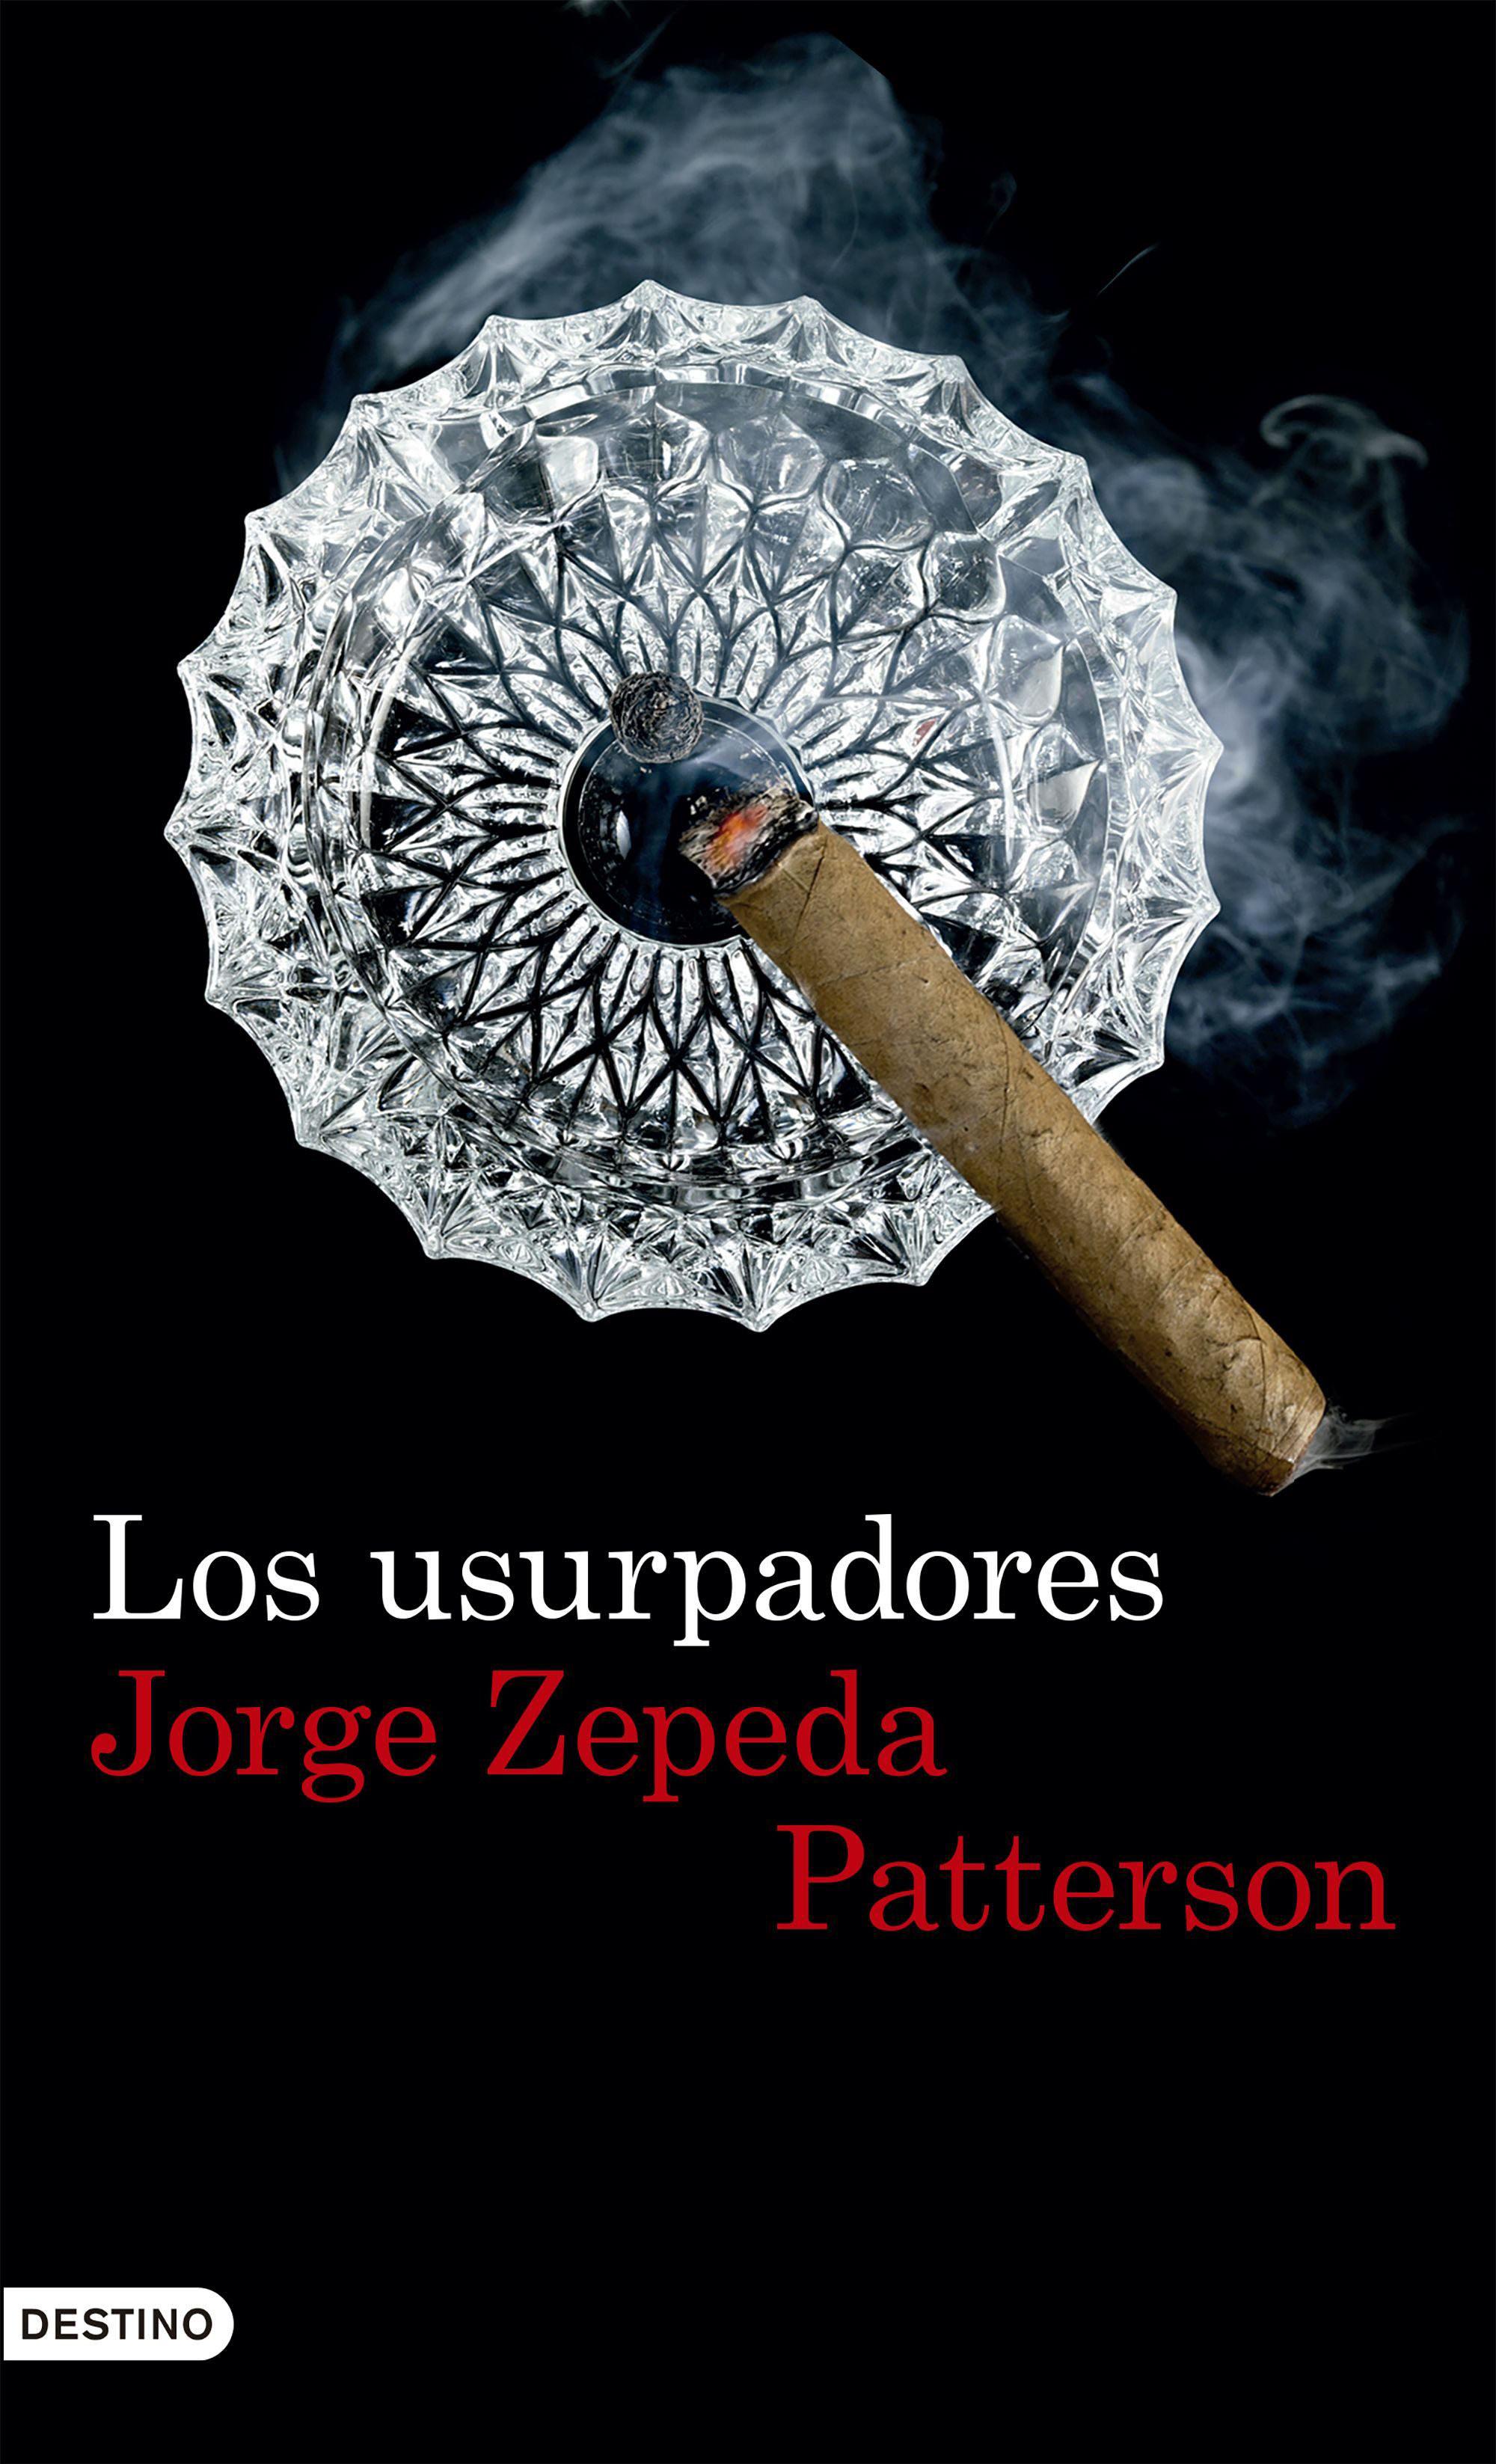 Jorge Zepedapatterson. Los Usurpadores